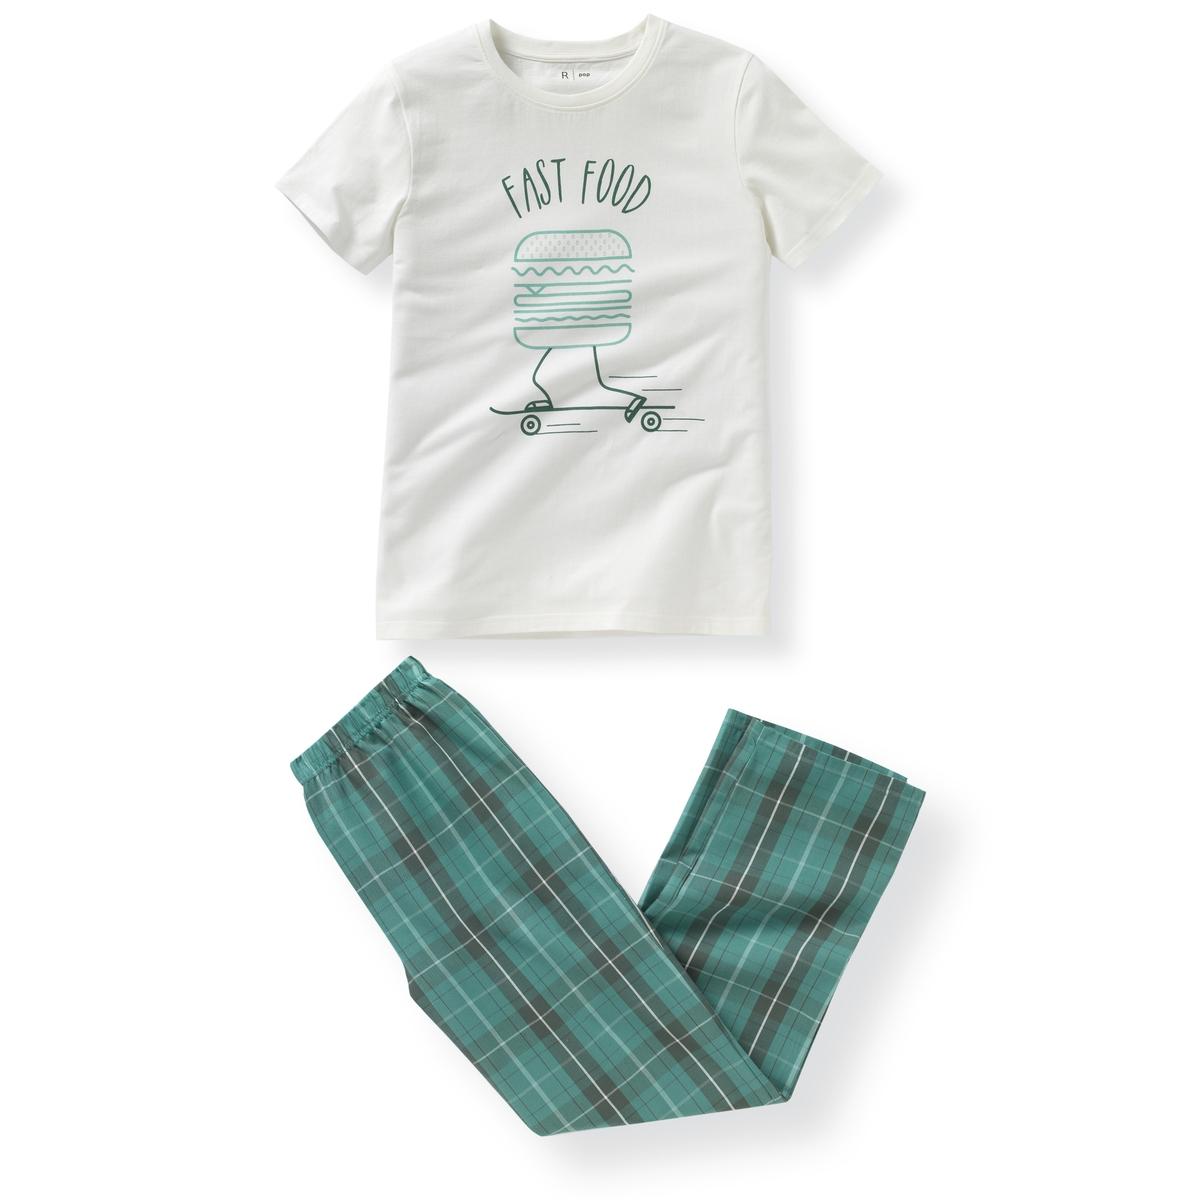 Пижама из двух материалов 10-16 лет